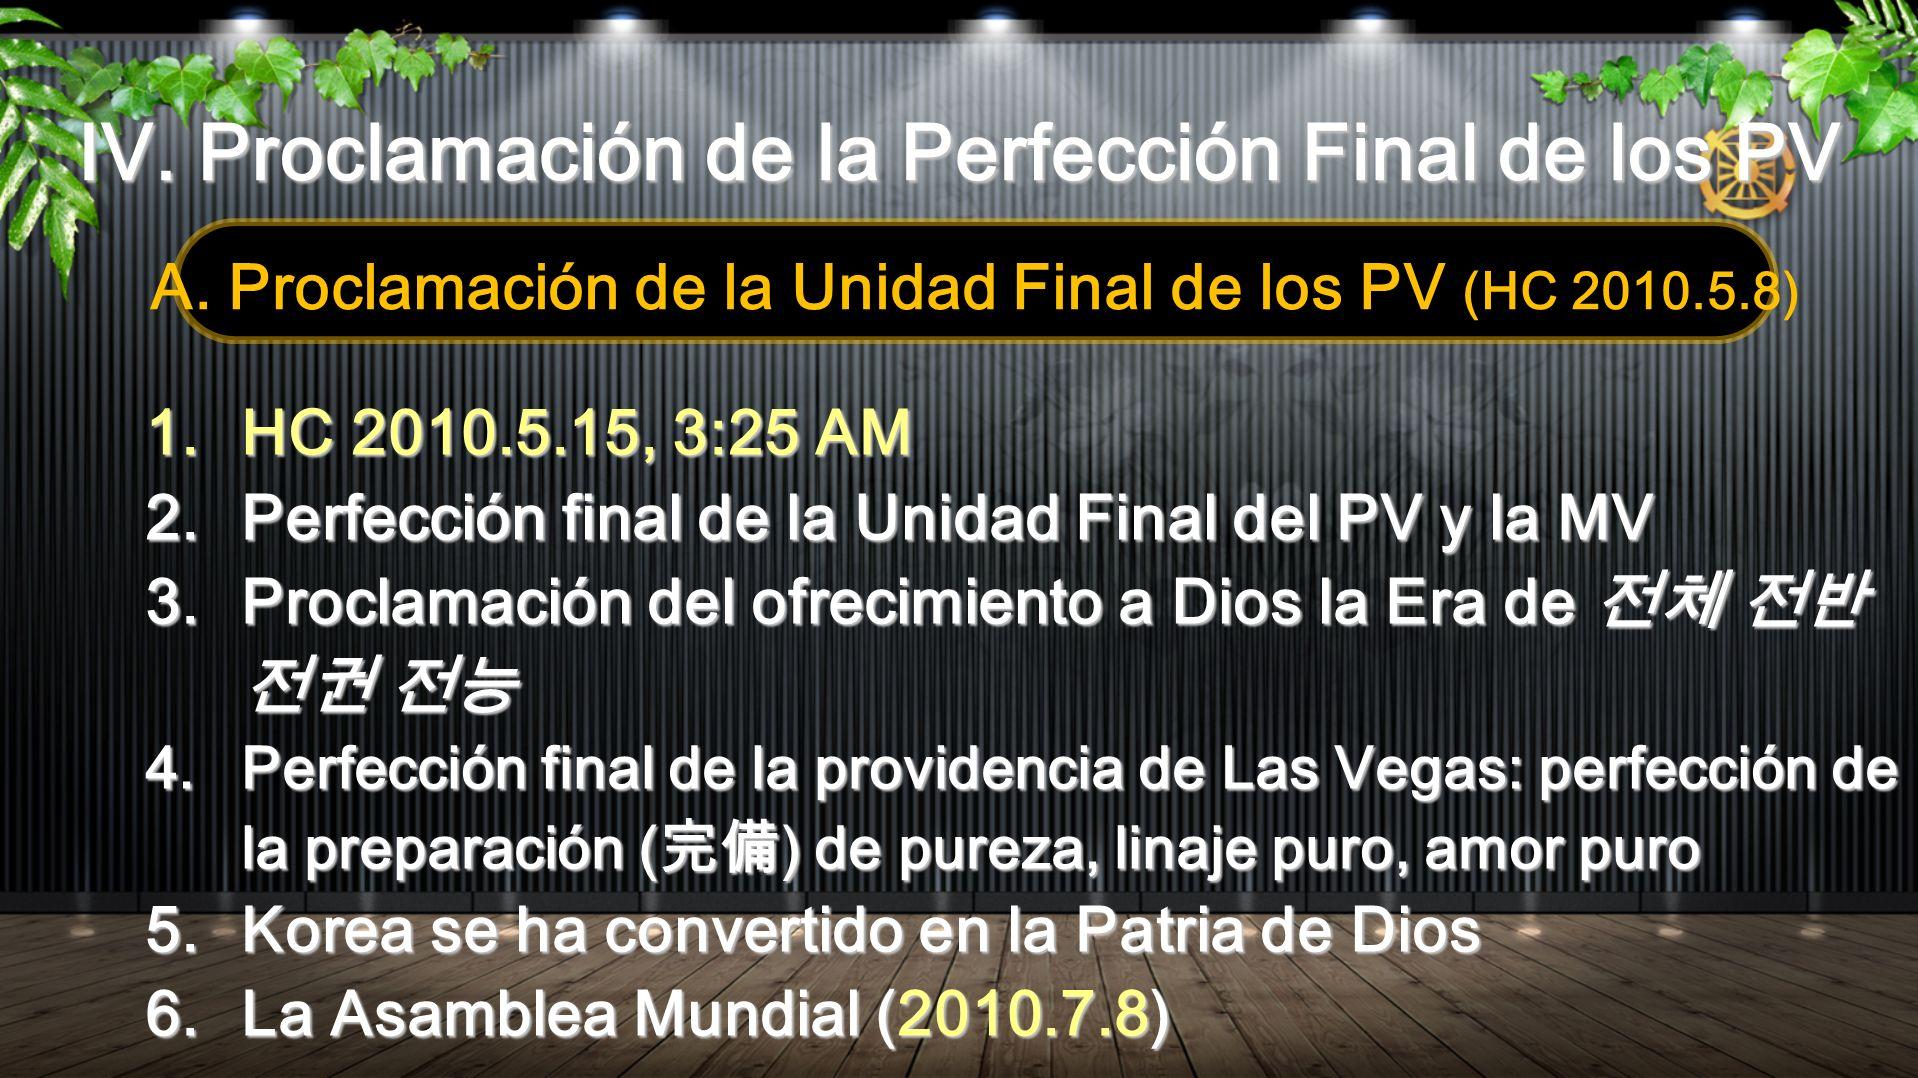 IV. Proclamación de la Perfección Final de los PV A. Proclamación de la Unidad Final de los PV (HC 2010.5.8) 1.HC 2010.5.15, 3:25 AM 2.Perfección fina